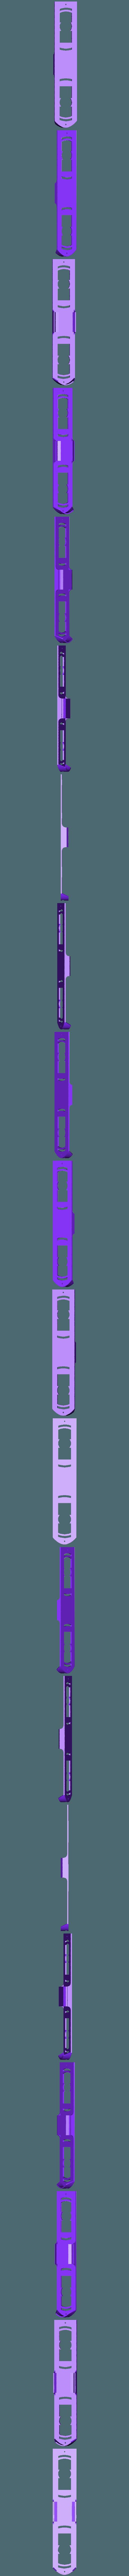 floor.stl Télécharger fichier STL gratuit Santa Fe - Super Chief - F-series, Un train miniature à l'échelle 1:87 • Objet pour impression 3D, nenchev